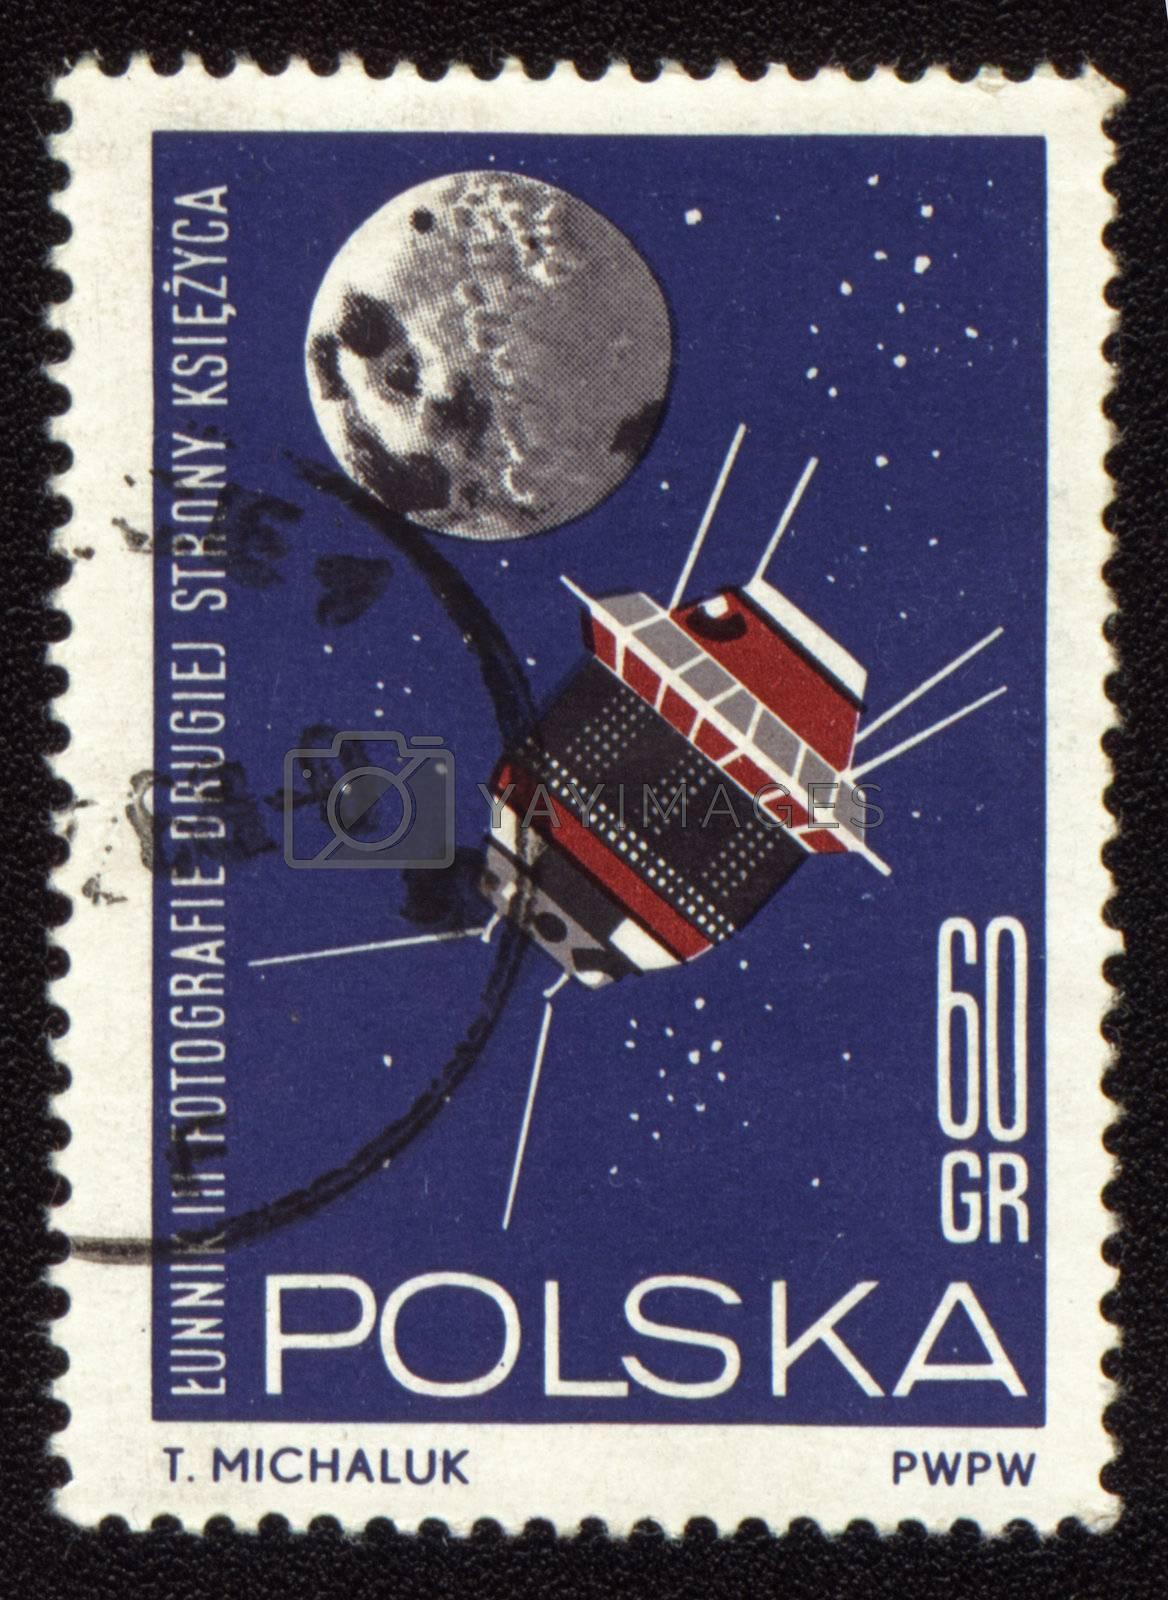 Postage stamp printed in Poland shows soviet spaceship Luna-3